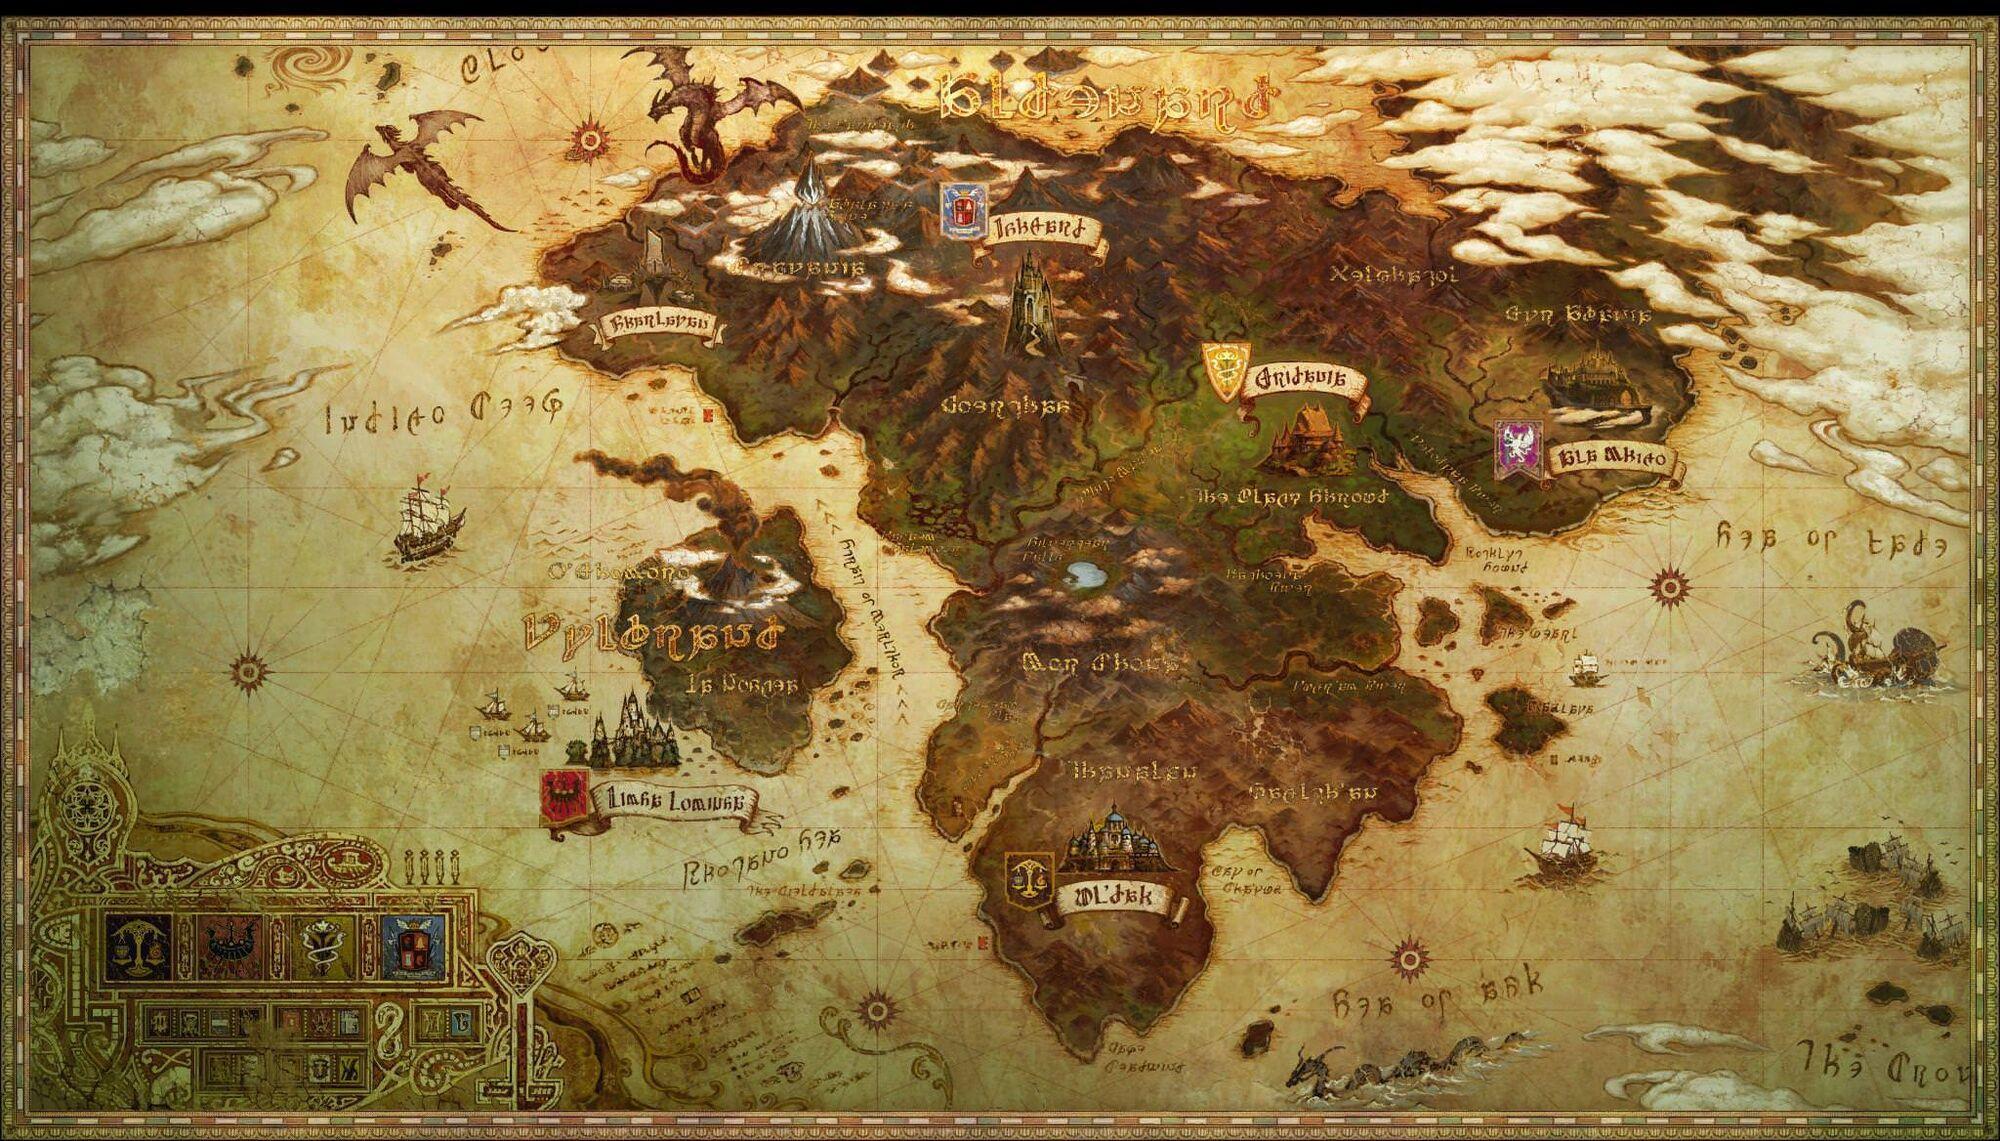 Eorzea | Final Fantasy Wiki | FANDOM powered by Wikia